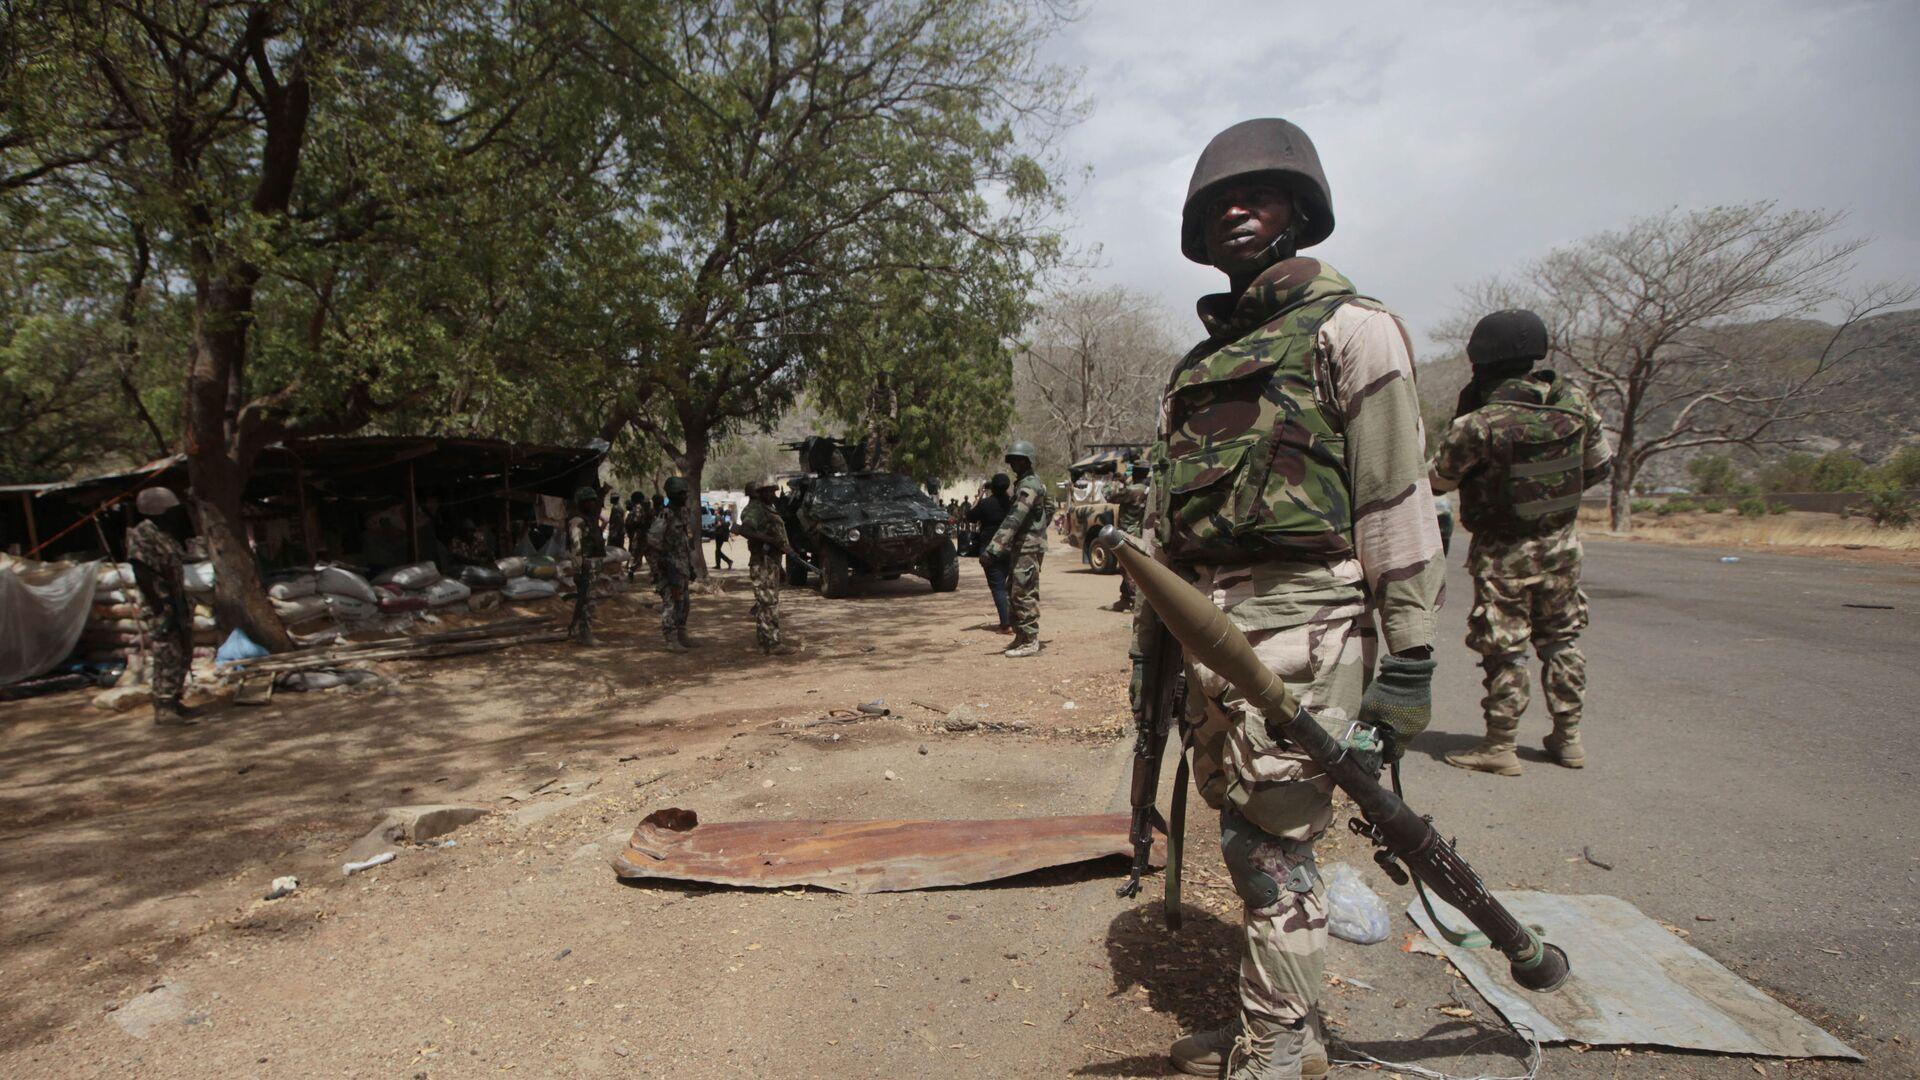 Des soldats nigérians à un poste de contrôle de Gwoza, au Nigeria - Sputnik France, 1920, 27.08.2021